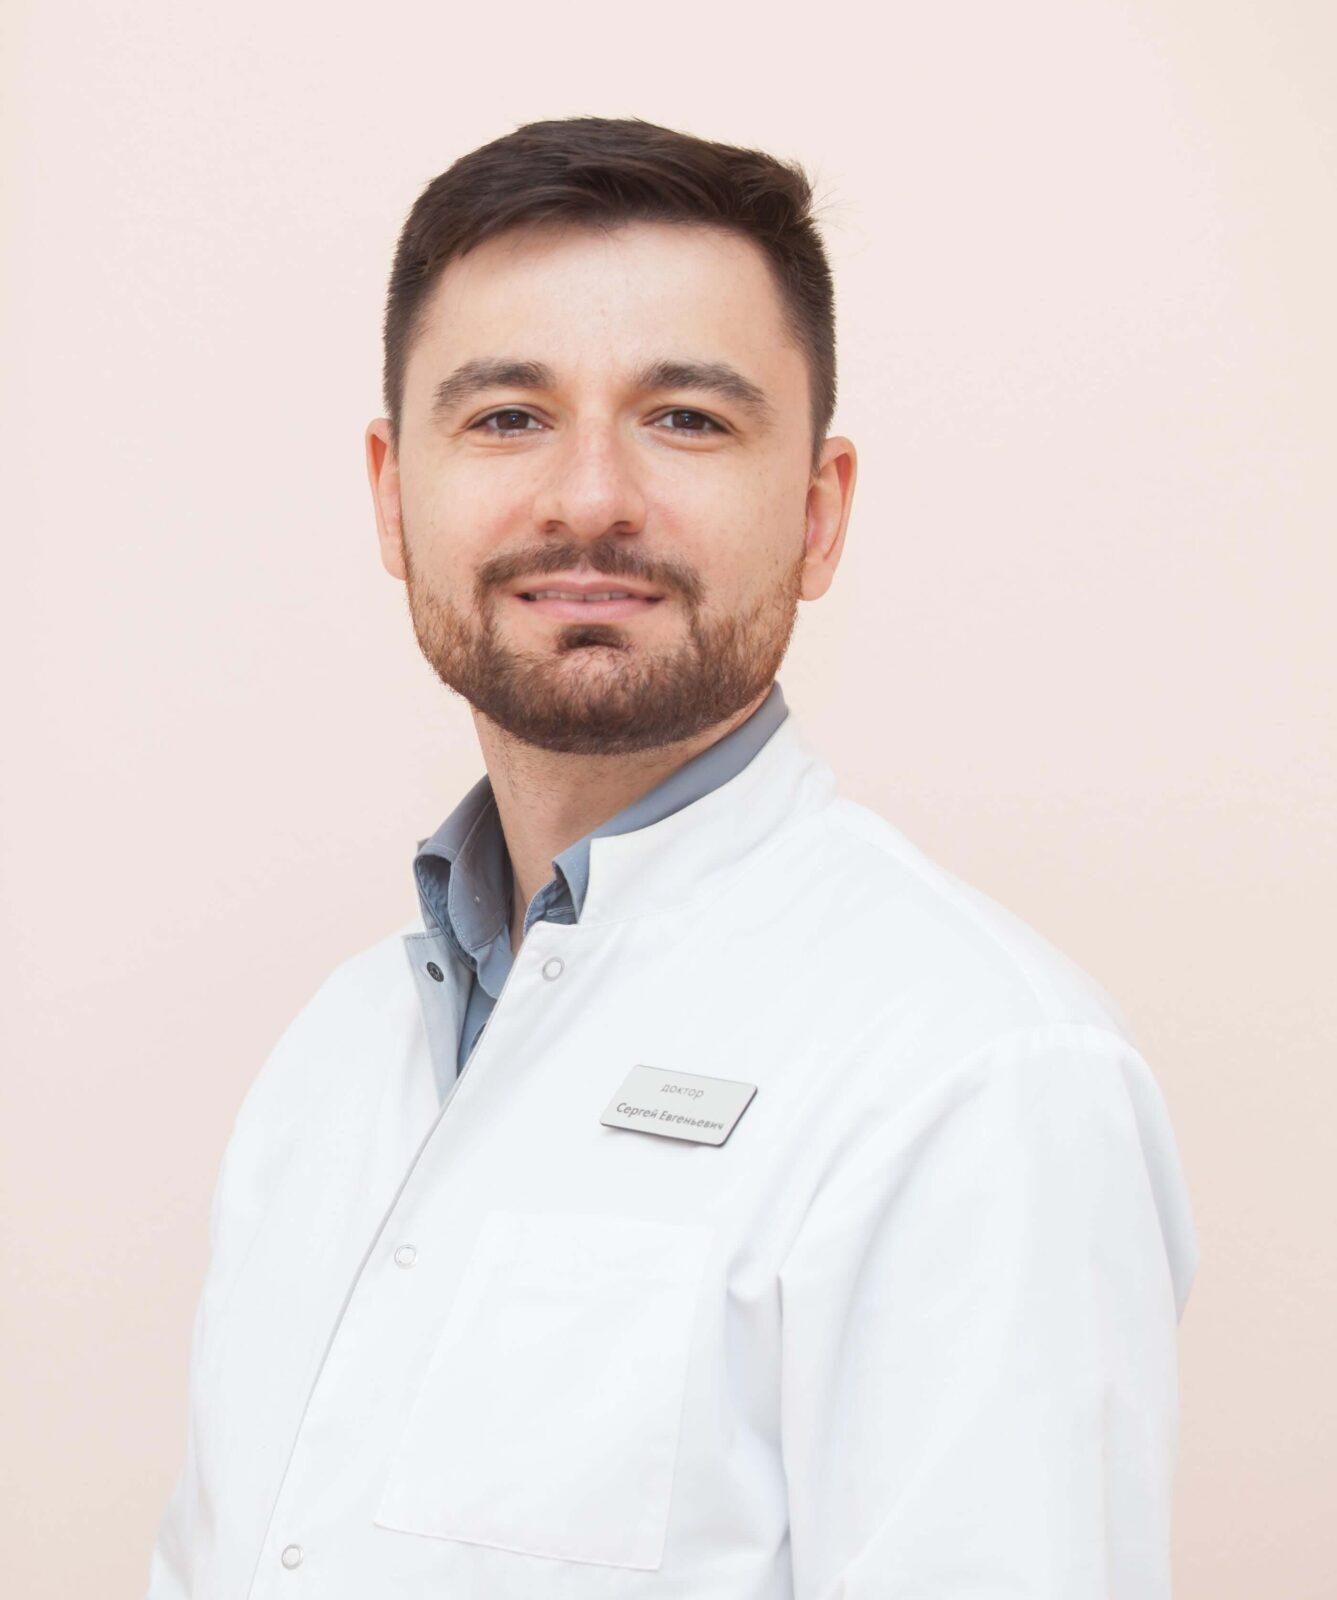 Гришай Сергей Евгеньевич 5